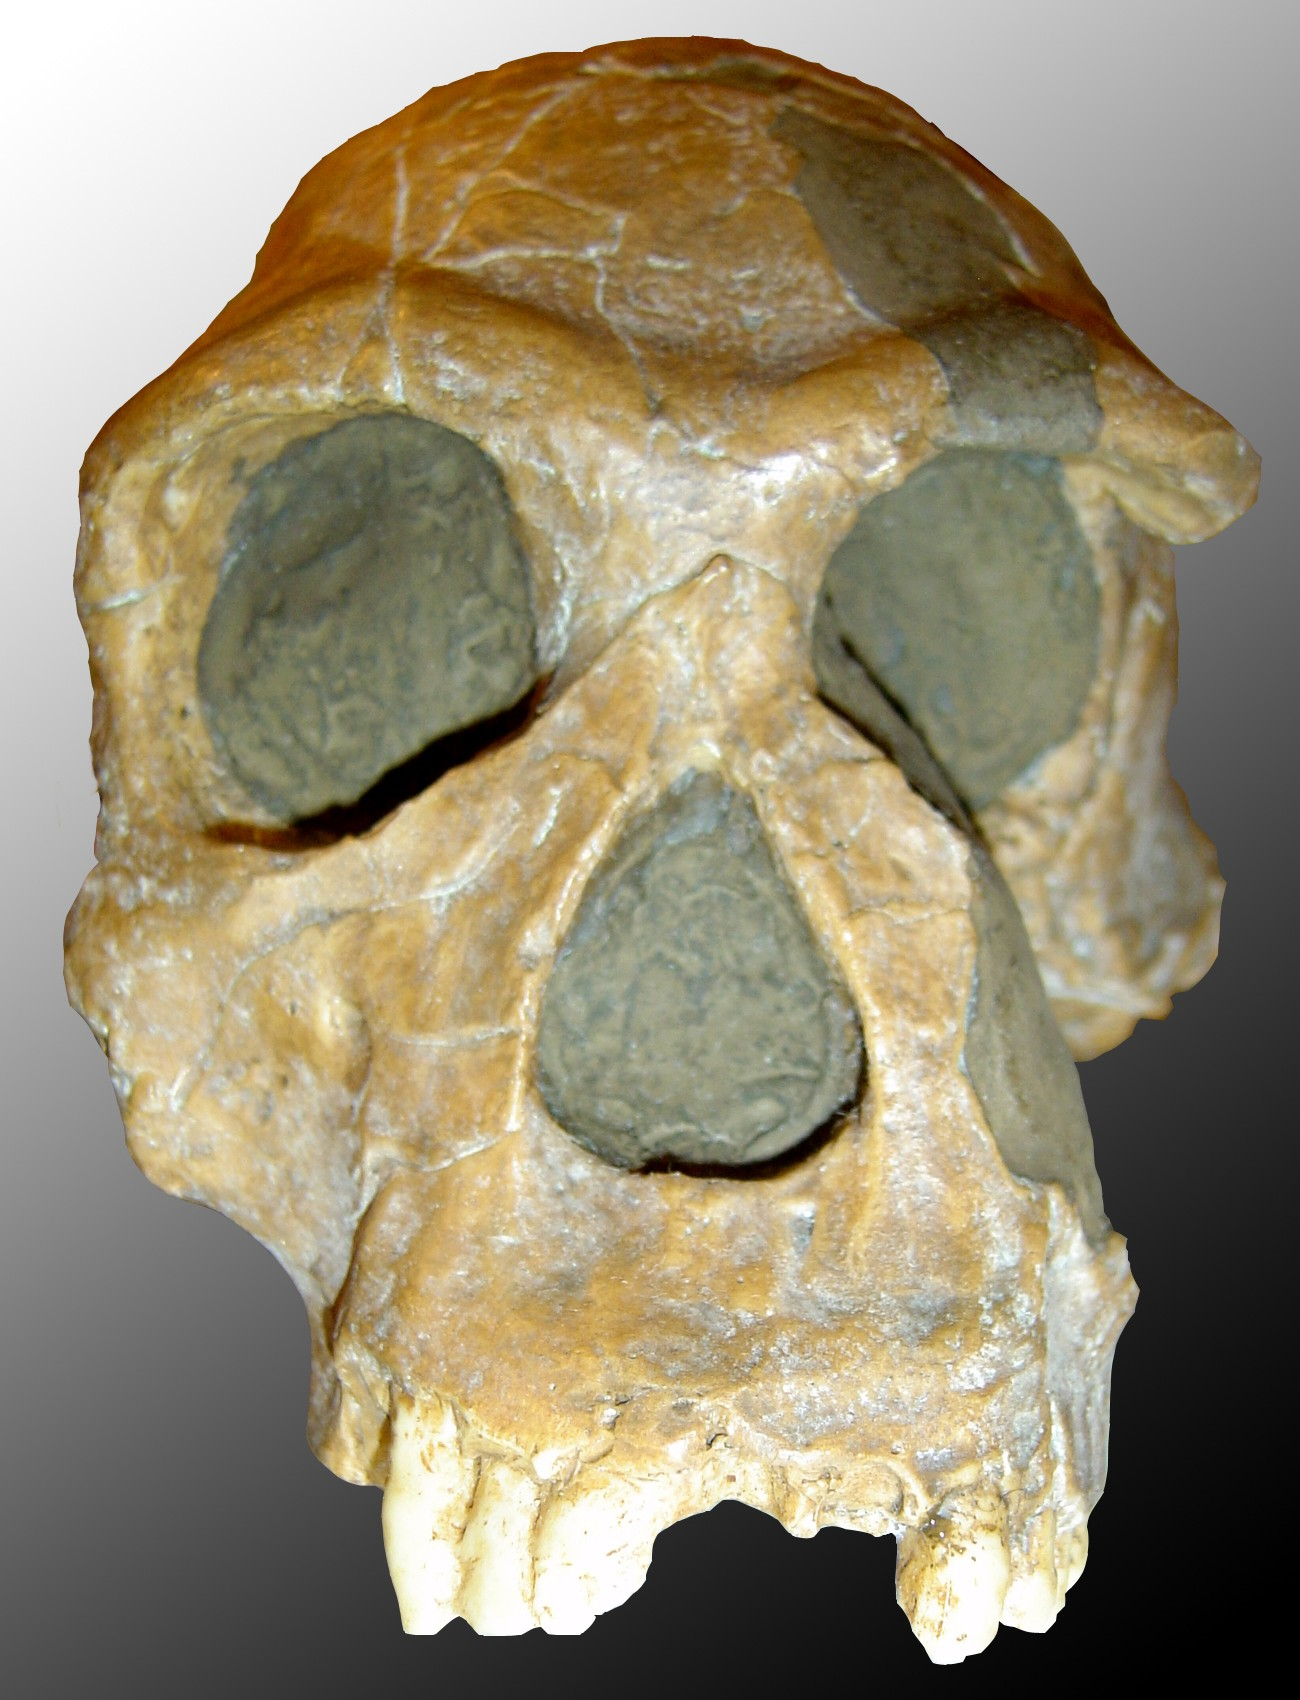 Crânio de um Homo habilis. (Foto: Wikipedia Commons)